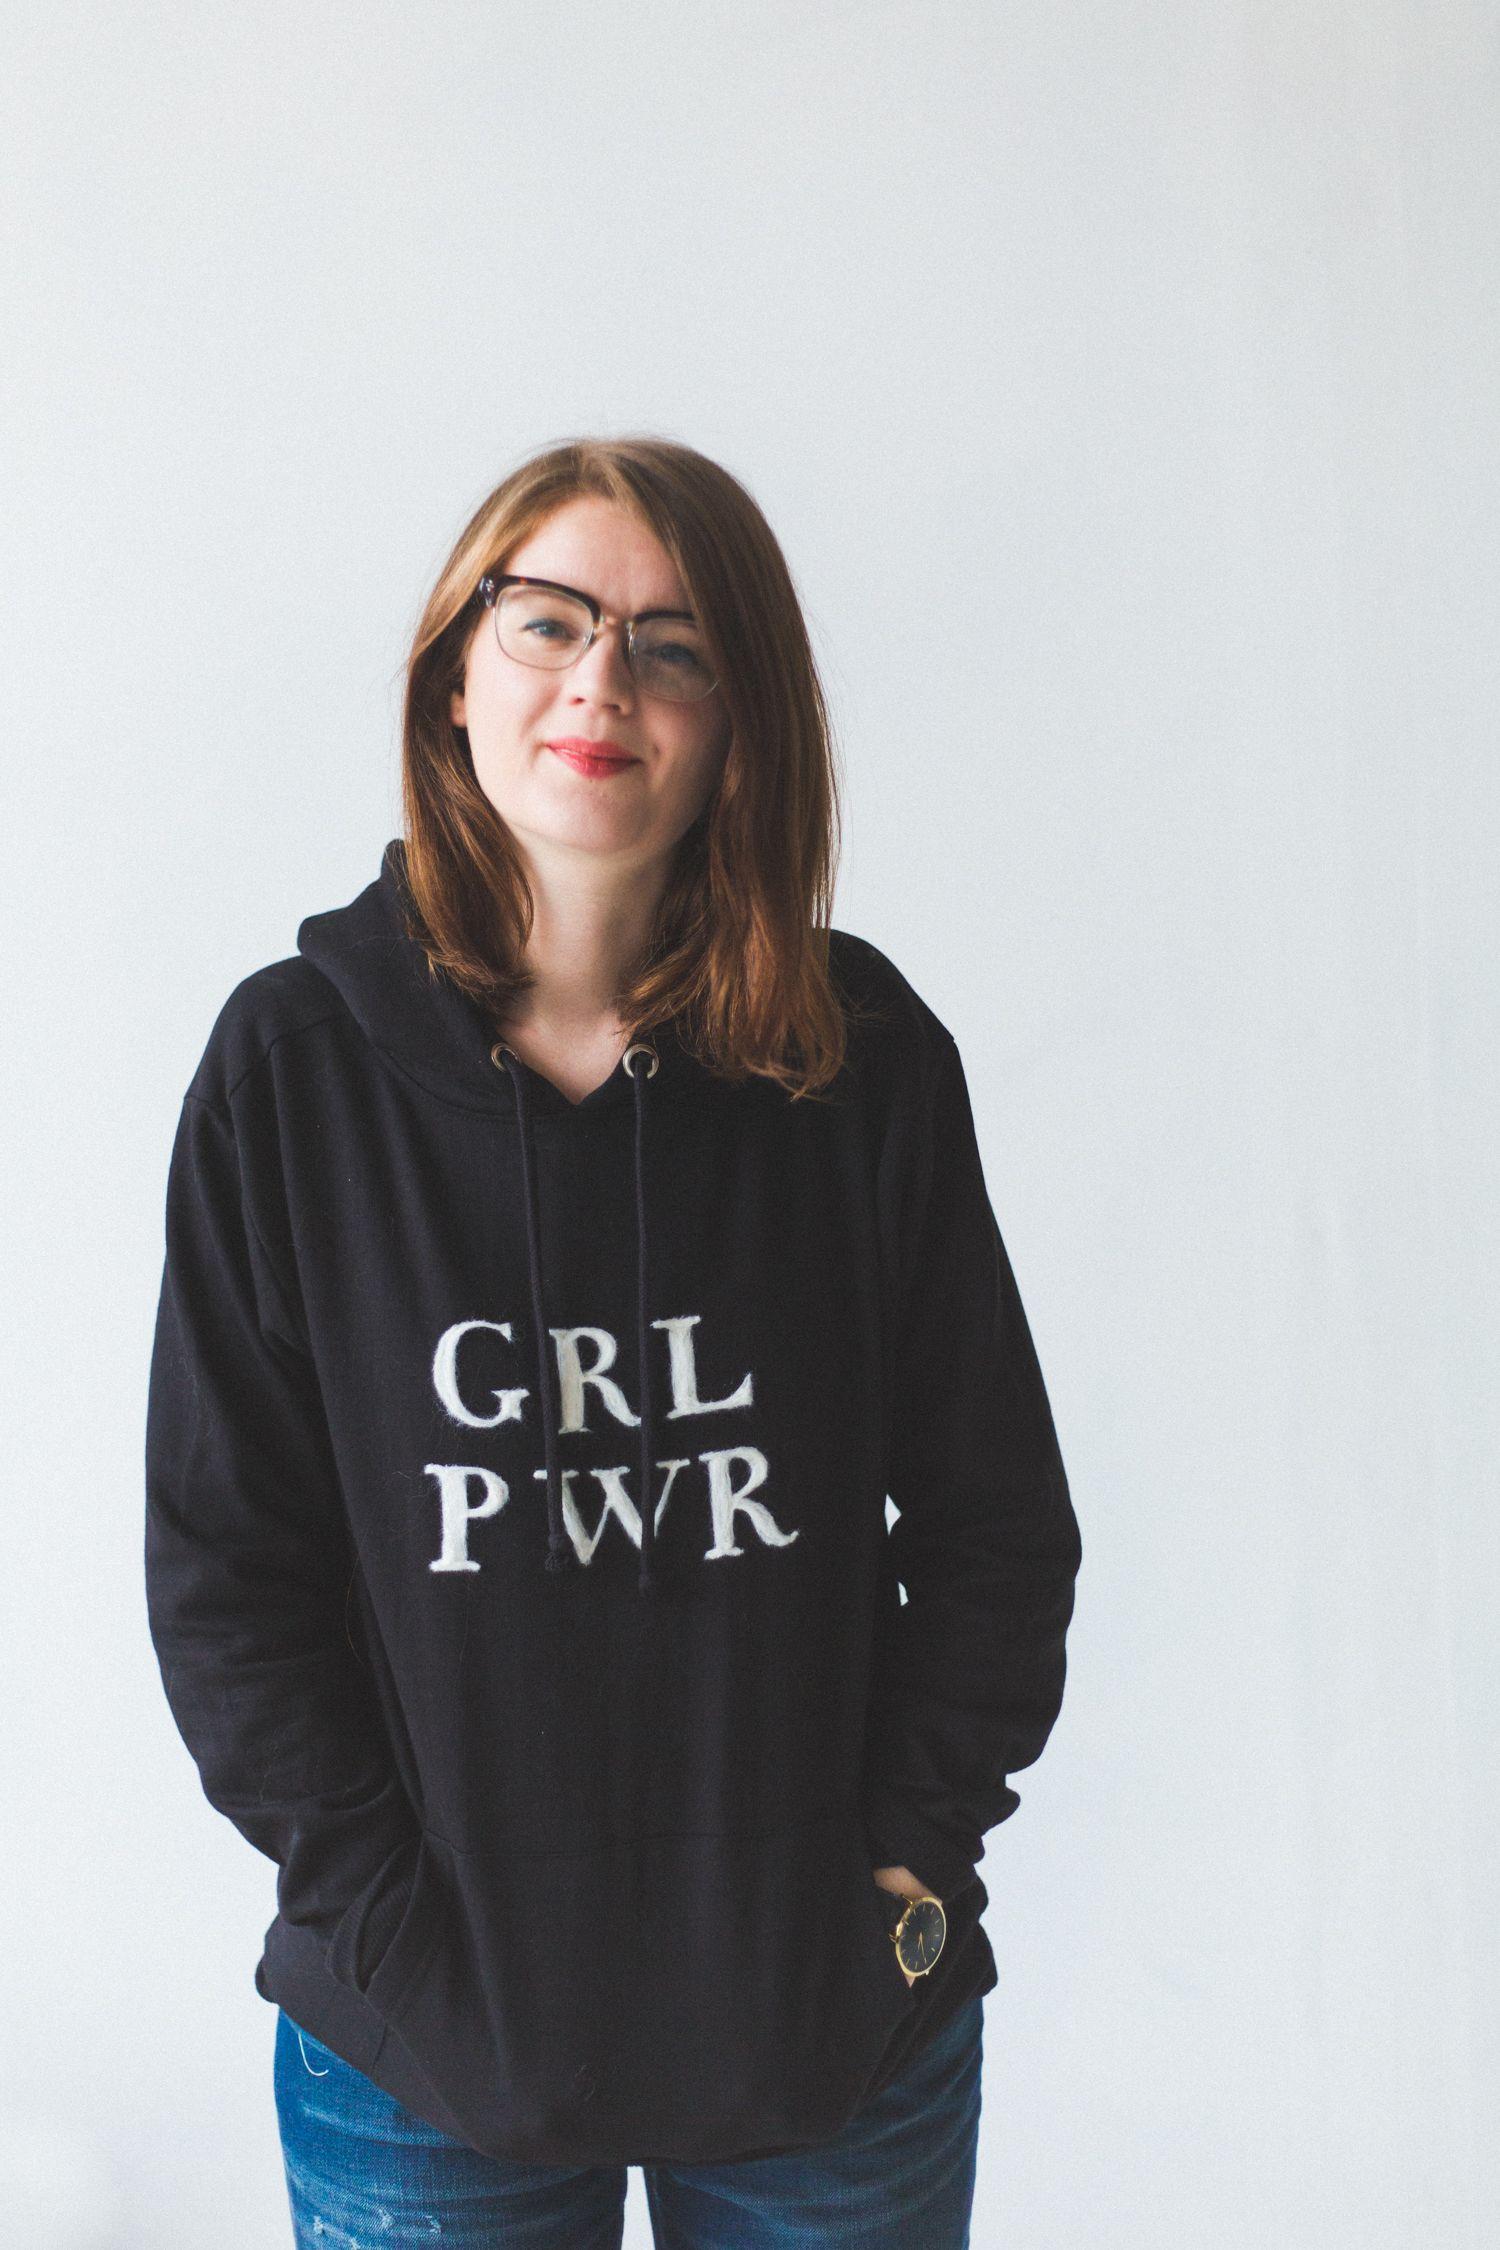 Худи GRL PWR из игольного войлока |  Падение для DIY